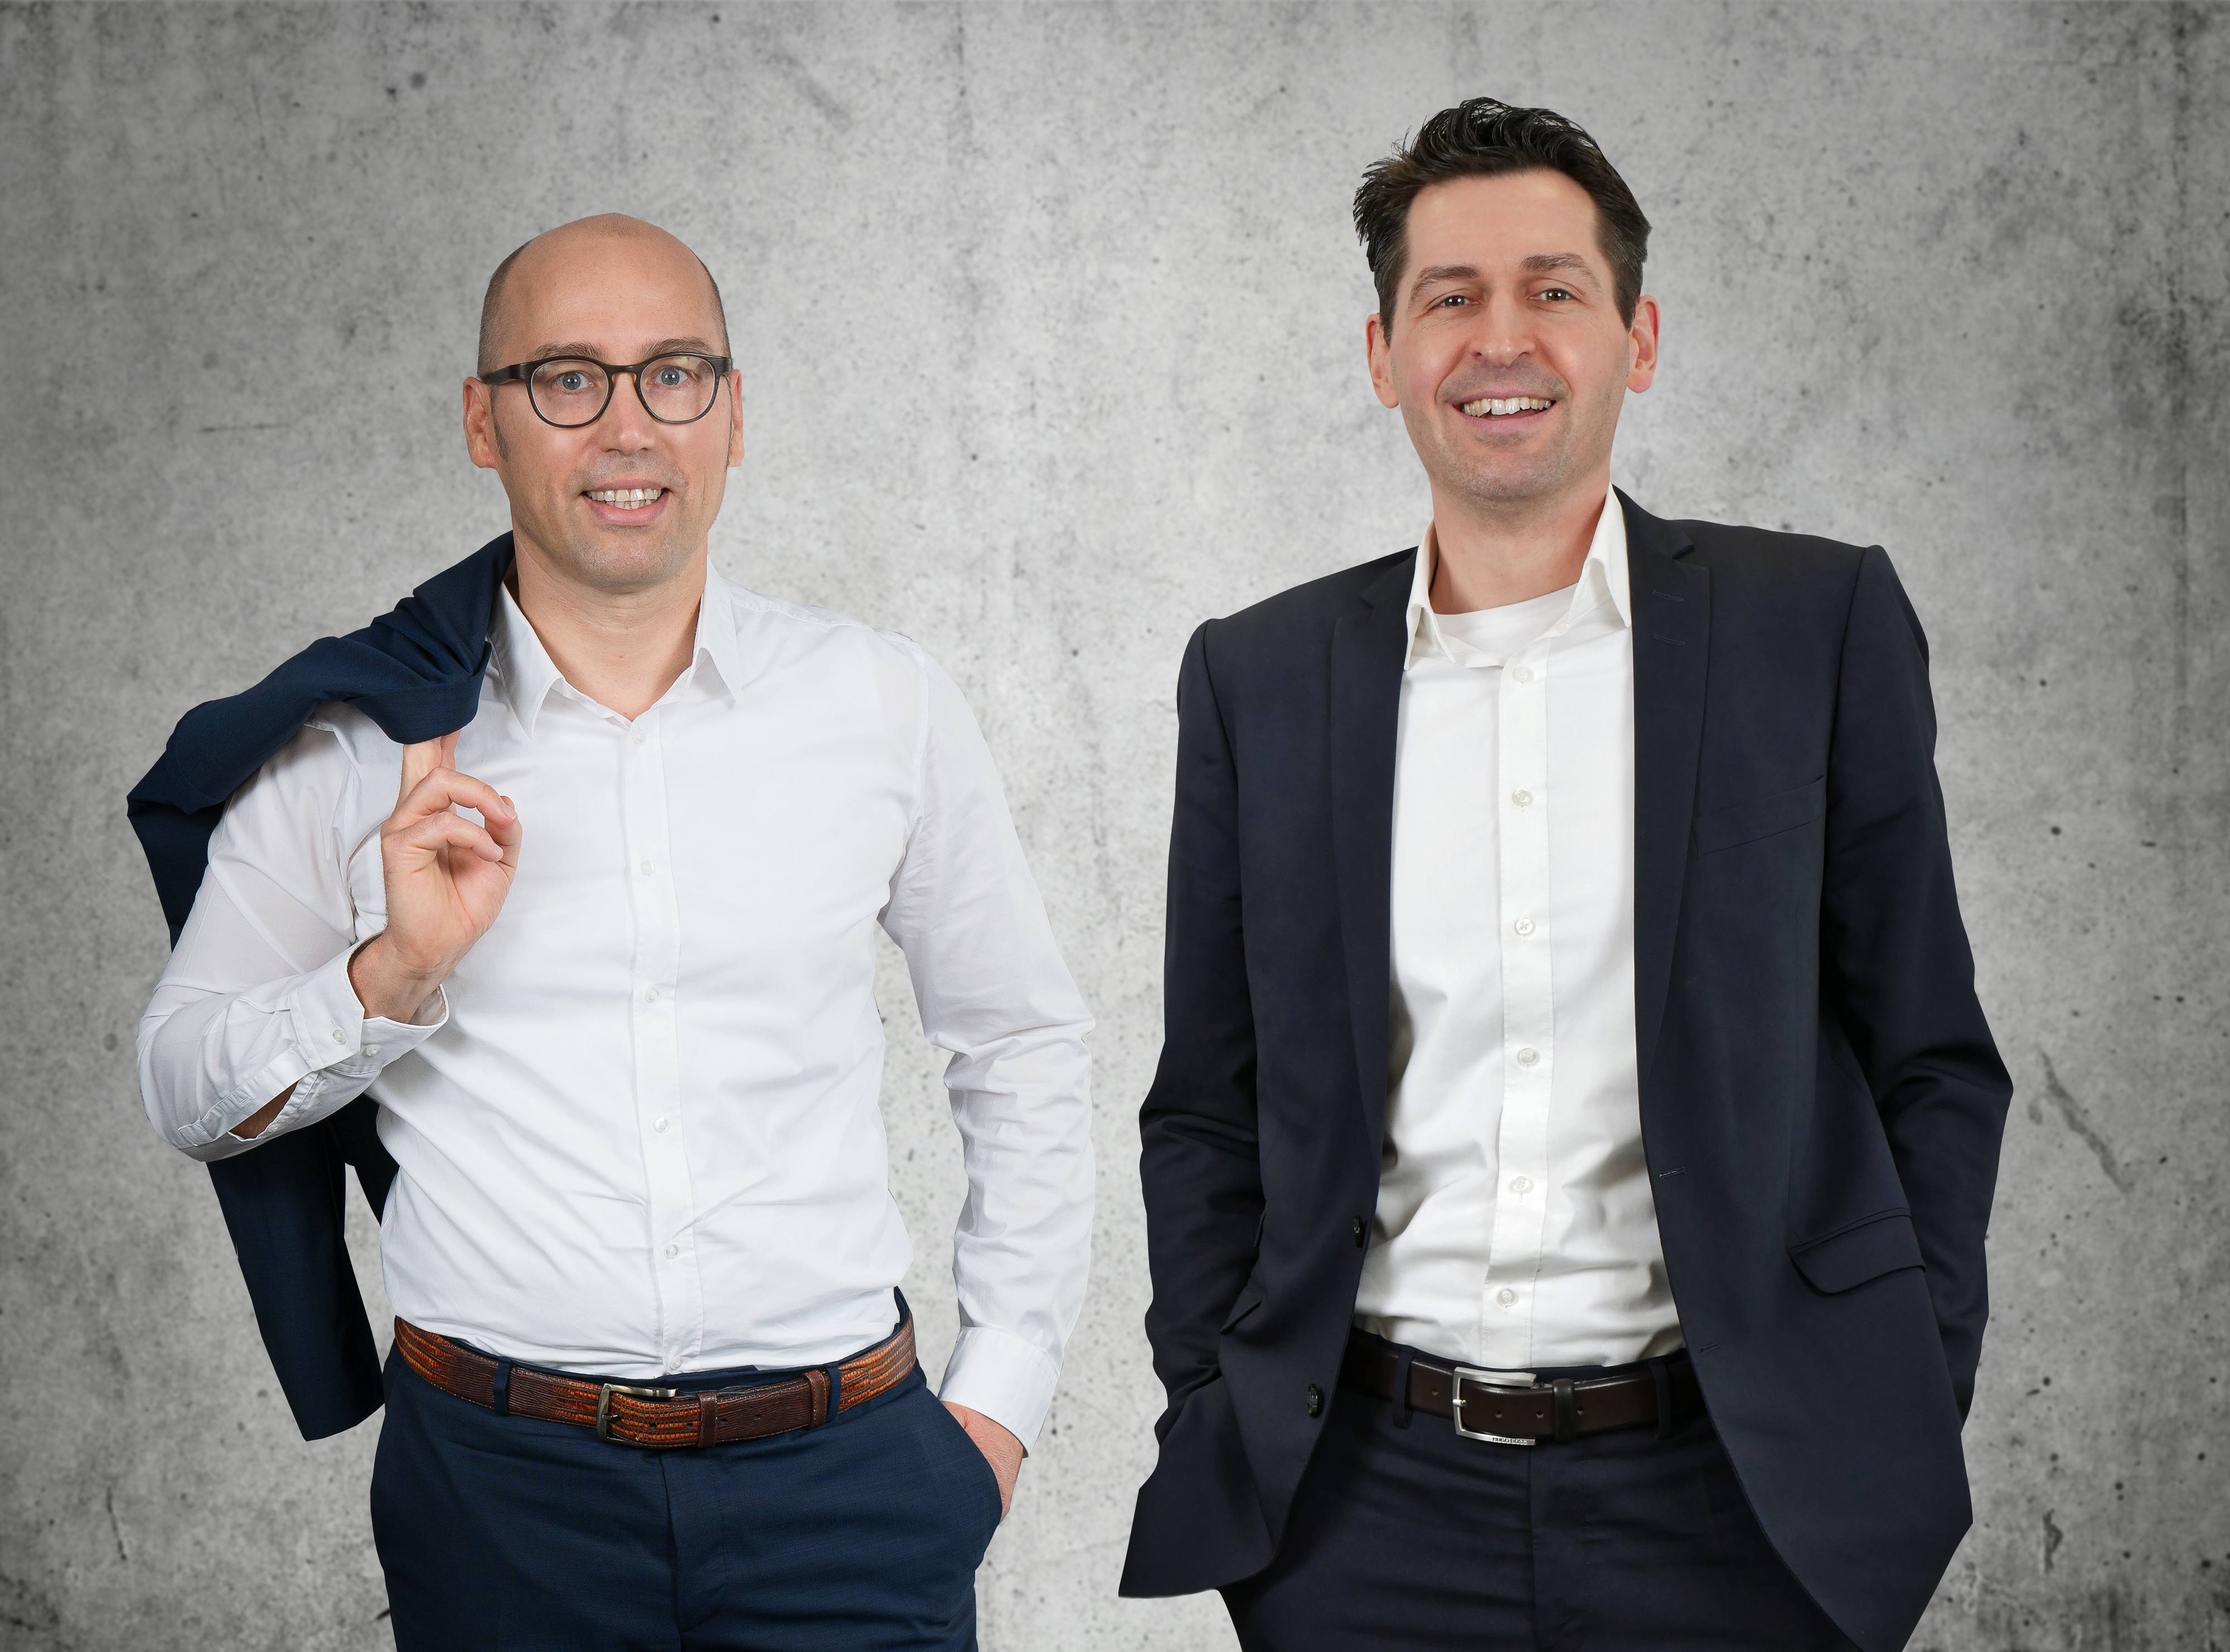 Adelhard Türling und Michael Scheibe von CRM Partner AG setzen auf ganzheitliches Kundenangebot, um Digitalisierung voranzutreiben.